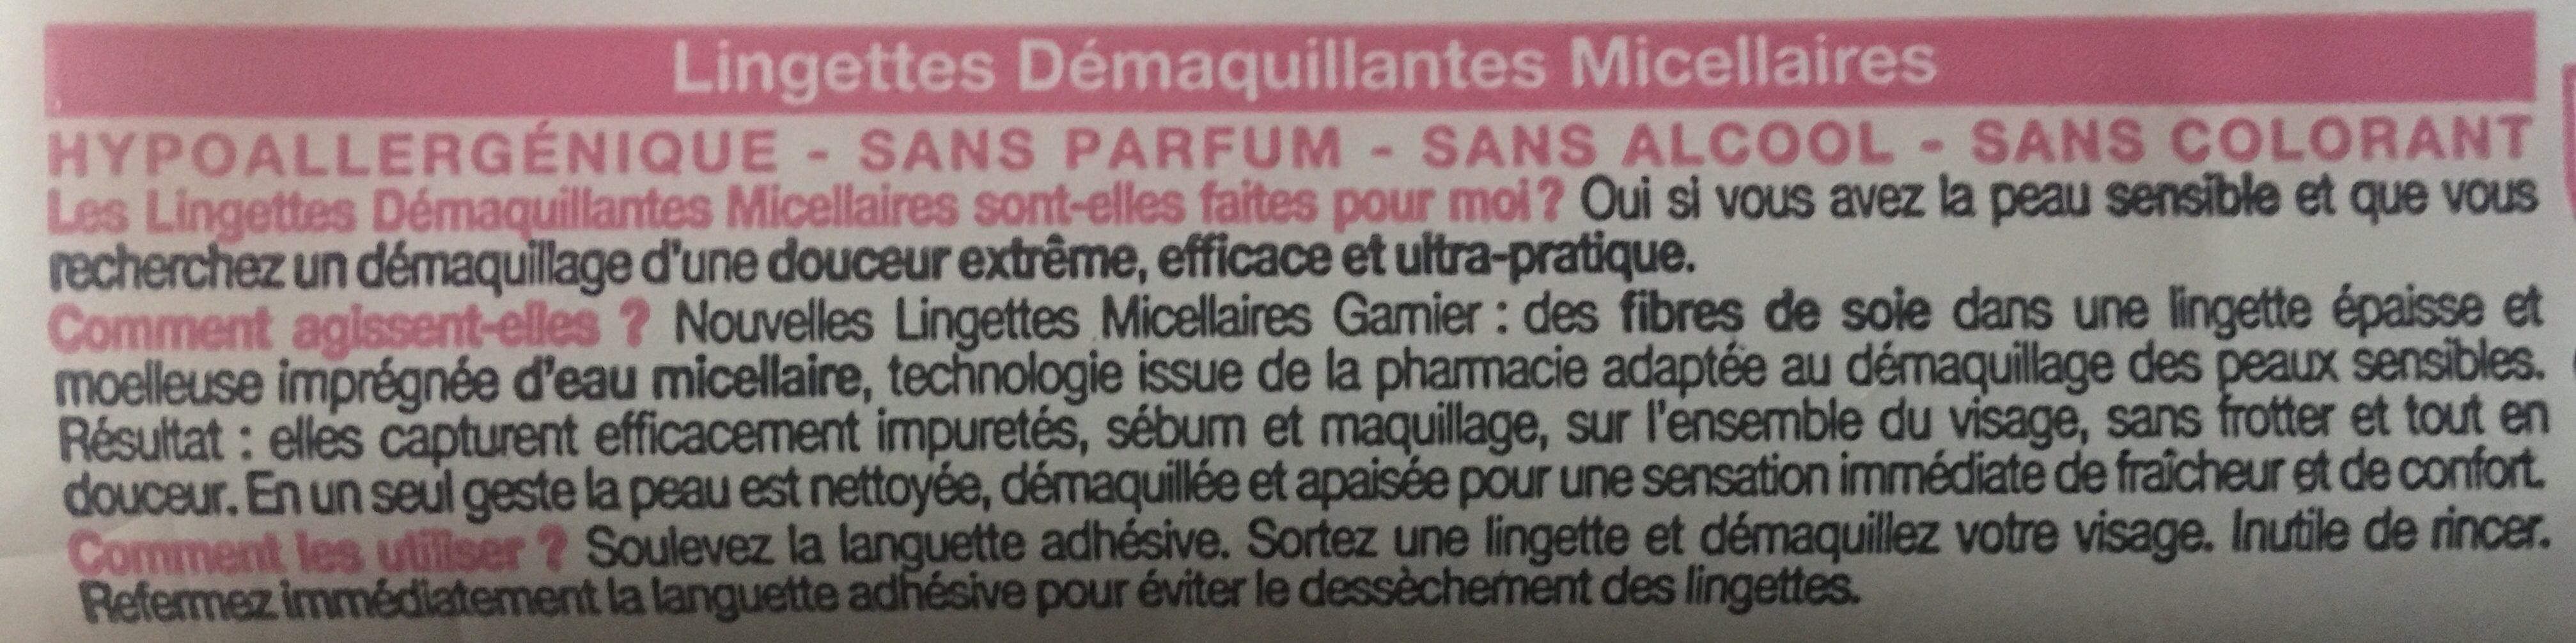 Lingettes démaquillantes micellaires, peaux sensibles. - Ingrédients - fr